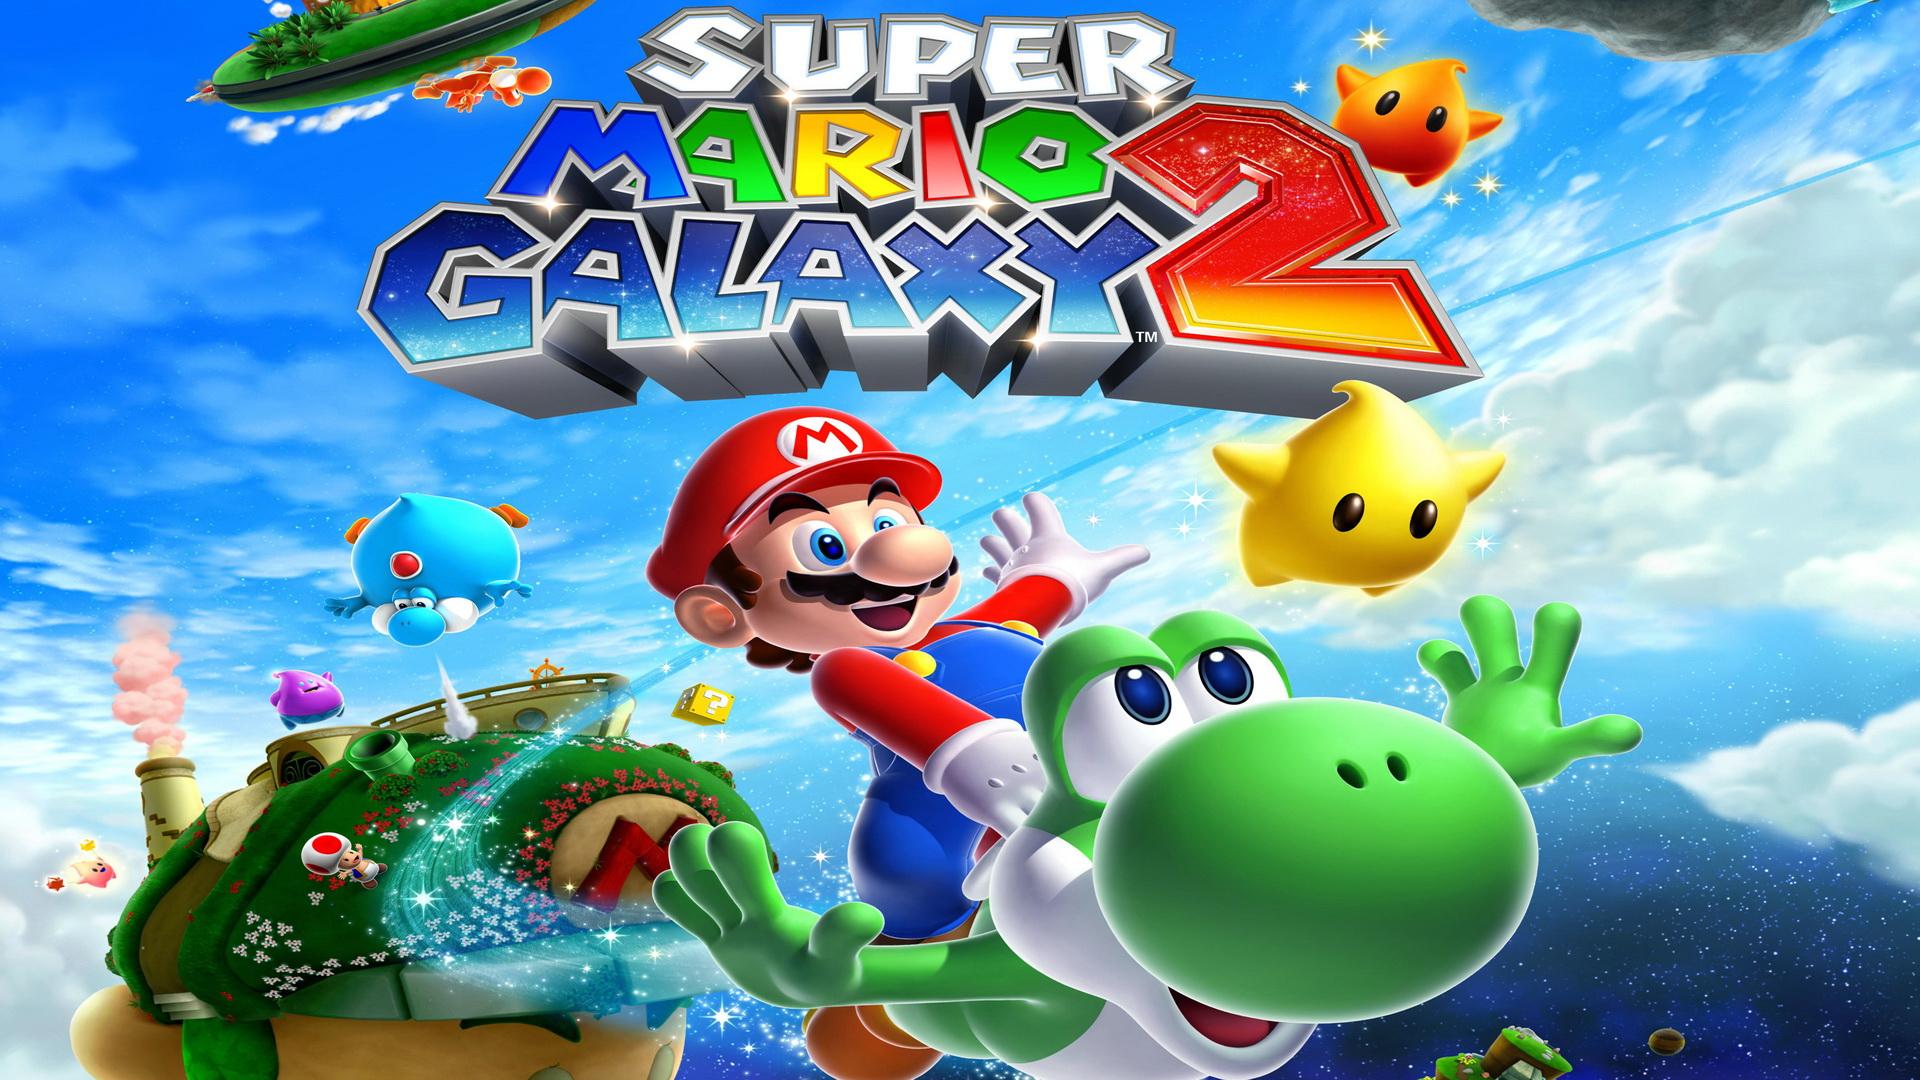 Super Mario Galaxy Wallpaper: Super Mario Galaxy 2 Wallpaper Hd